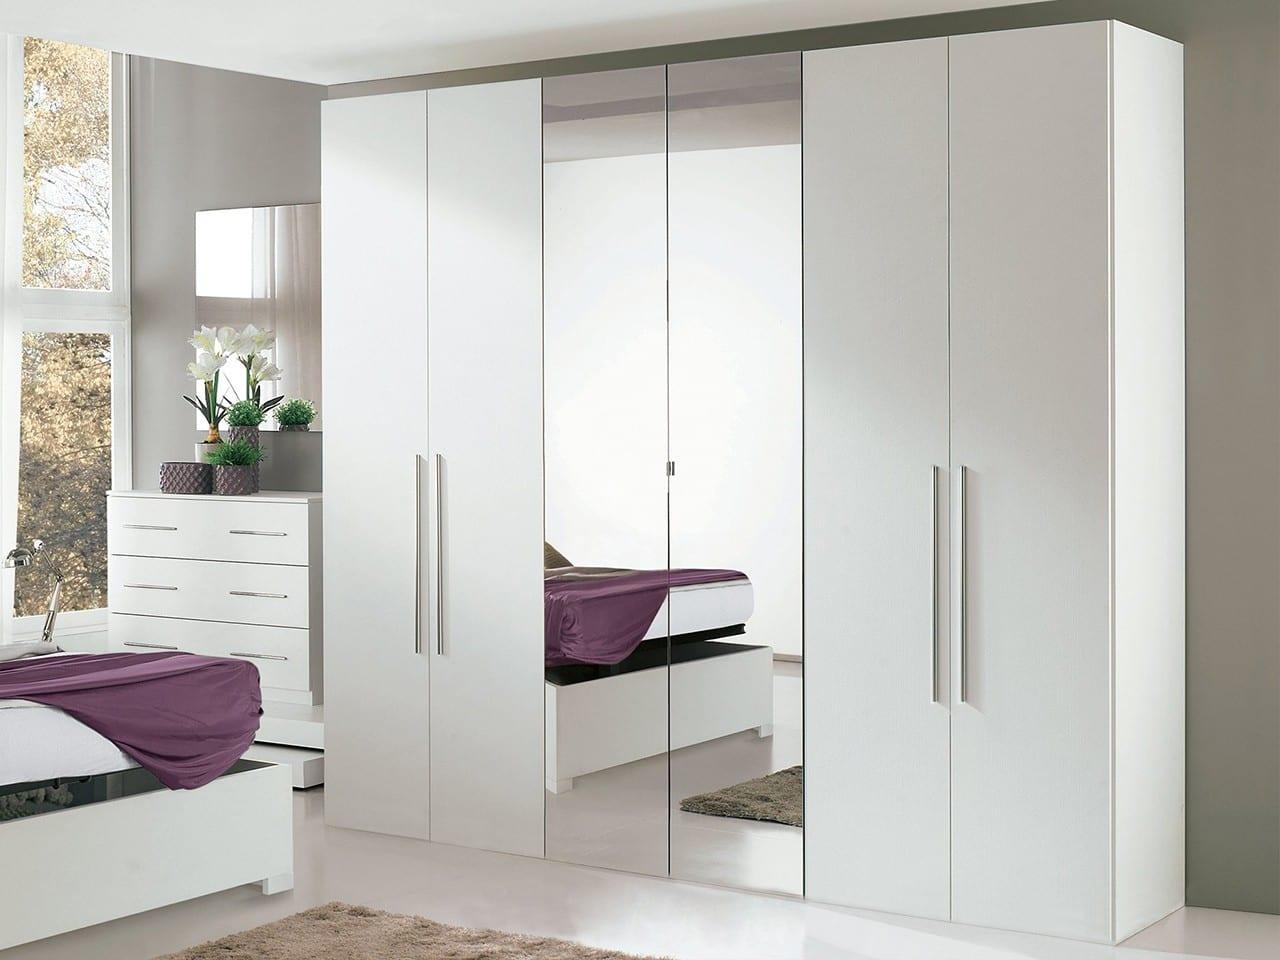 Elige el armario ideal para tu dormitorio - Armarios de dormitorio merkamueble ...